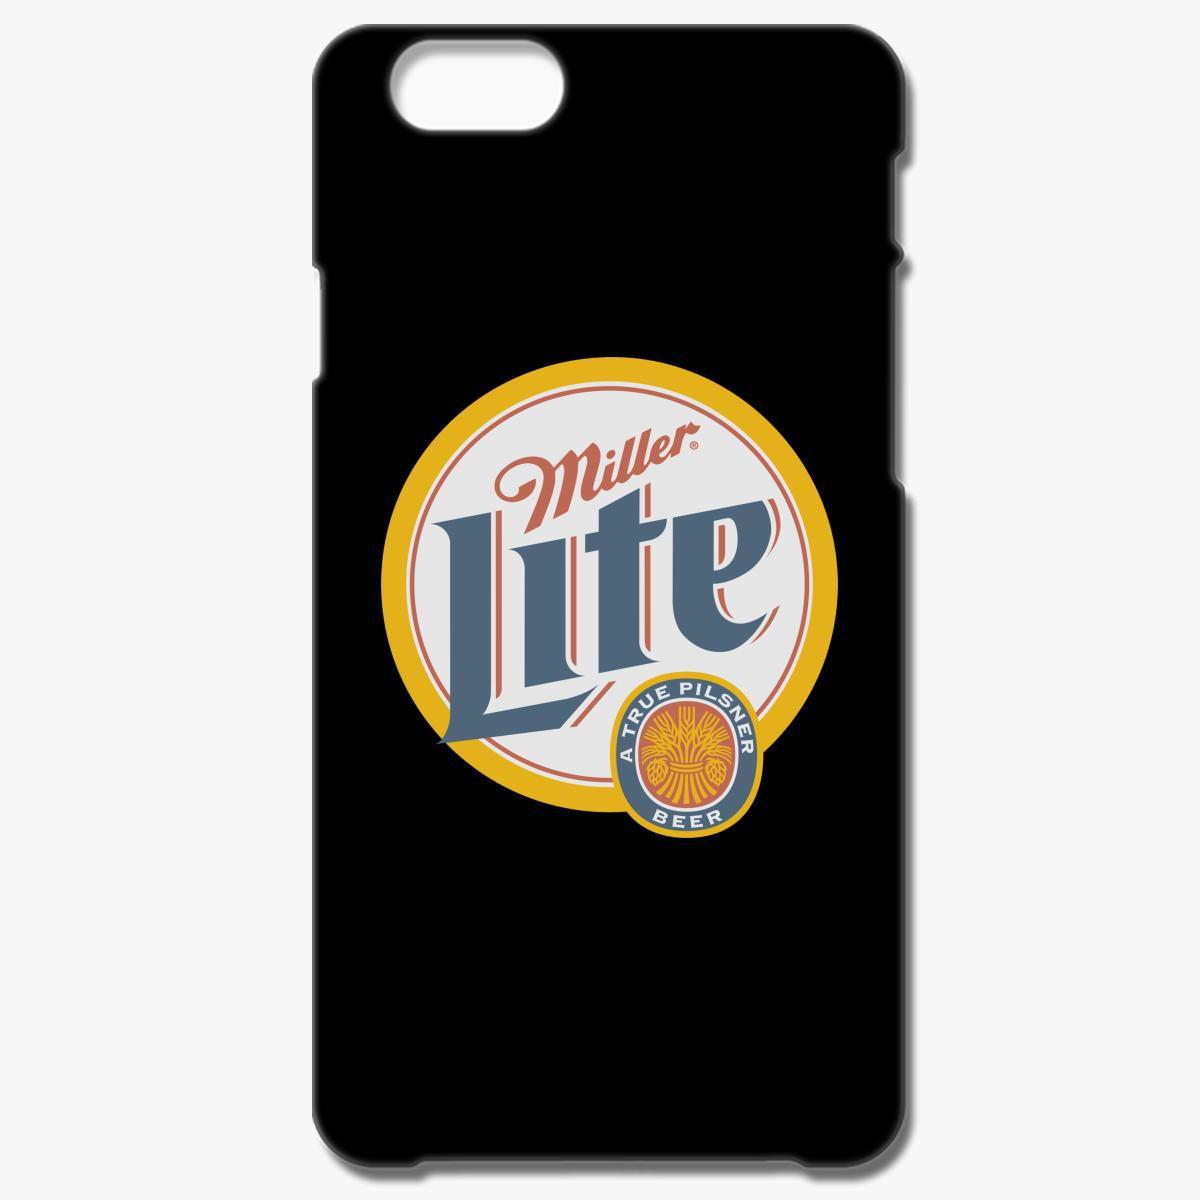 a4a6da6c66 Miller Lite iPhone 6/6S Plus Case - Customon